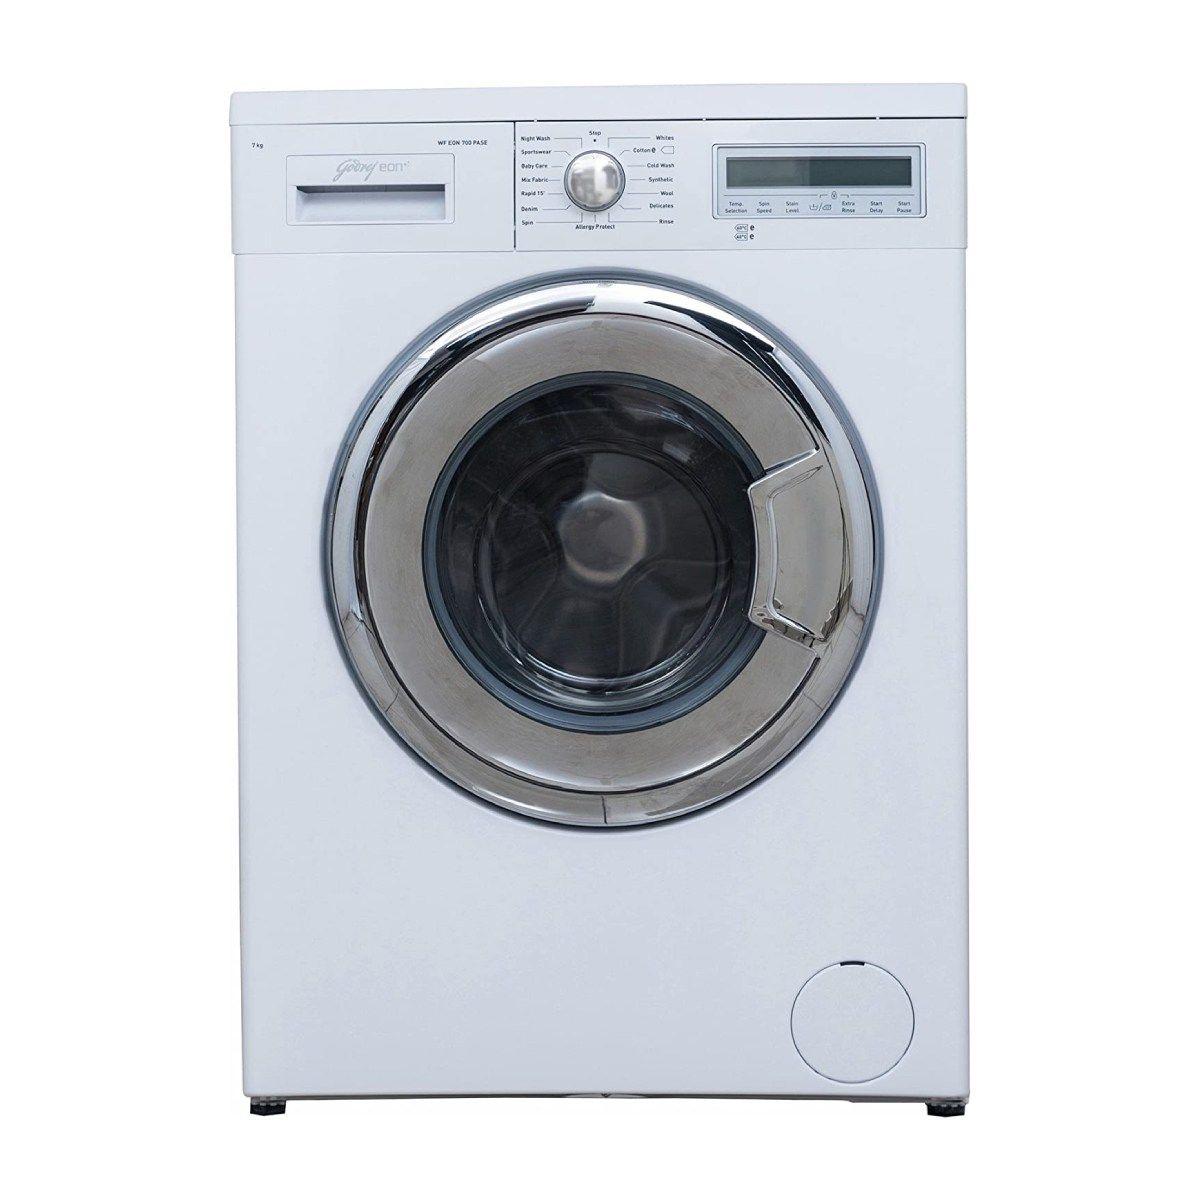 கோத்ரெஜ் 7  Fully Automatic Front Load Washing Machine White (WF Eon 700 PASE)